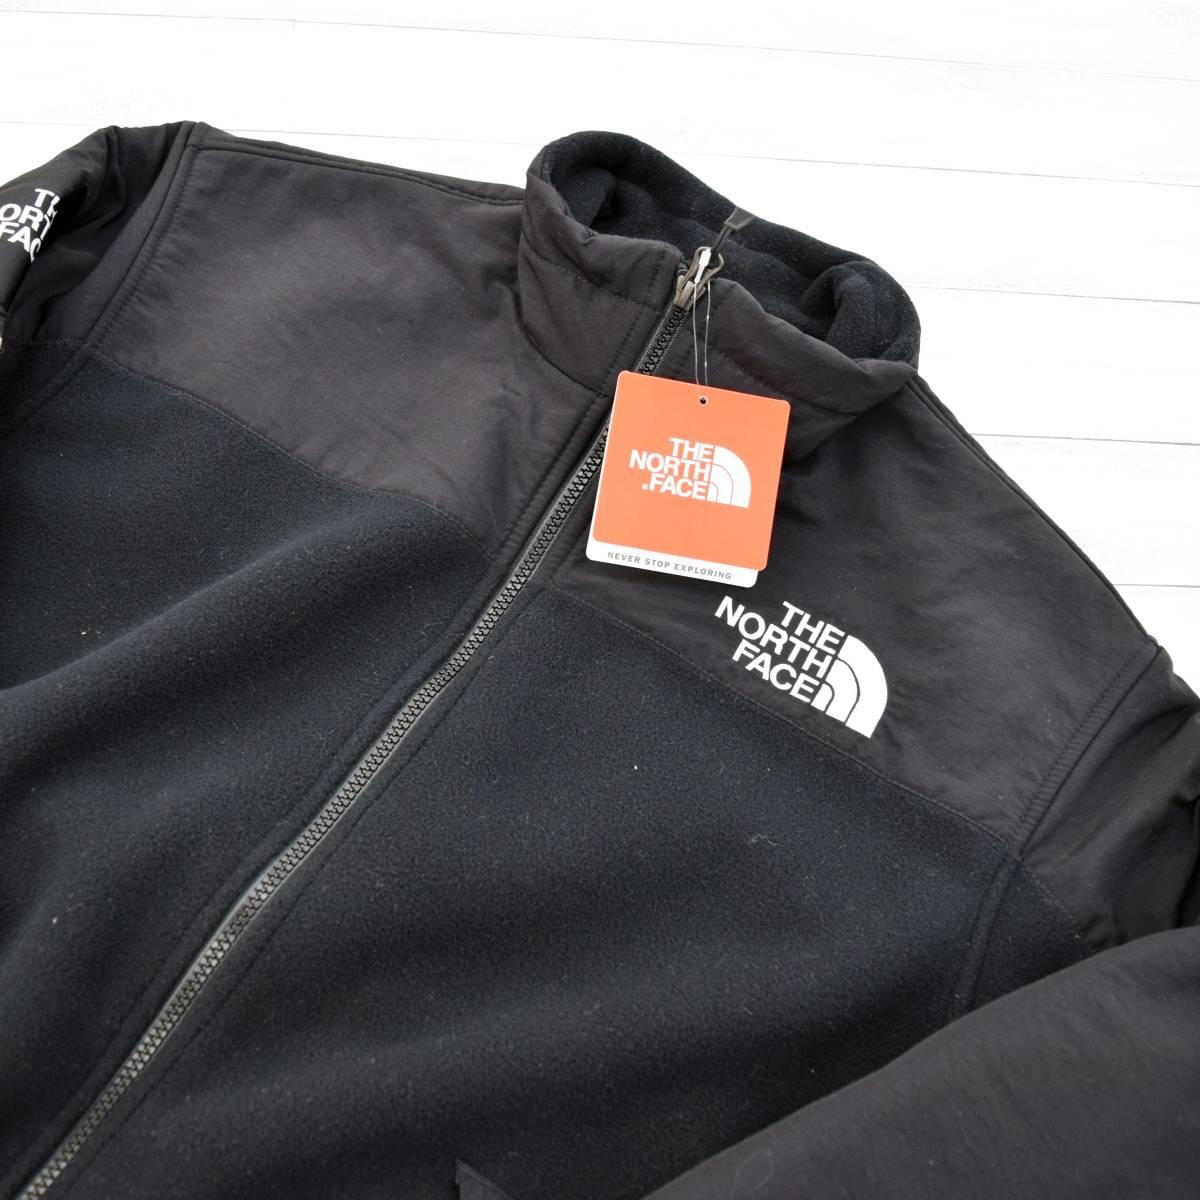 タグ付き未使用品 20SS Supreme THE NORTH FACE RTG Fleece Jacket シュプリーム ノースフェイス フリース ジャケット ブラック_画像3